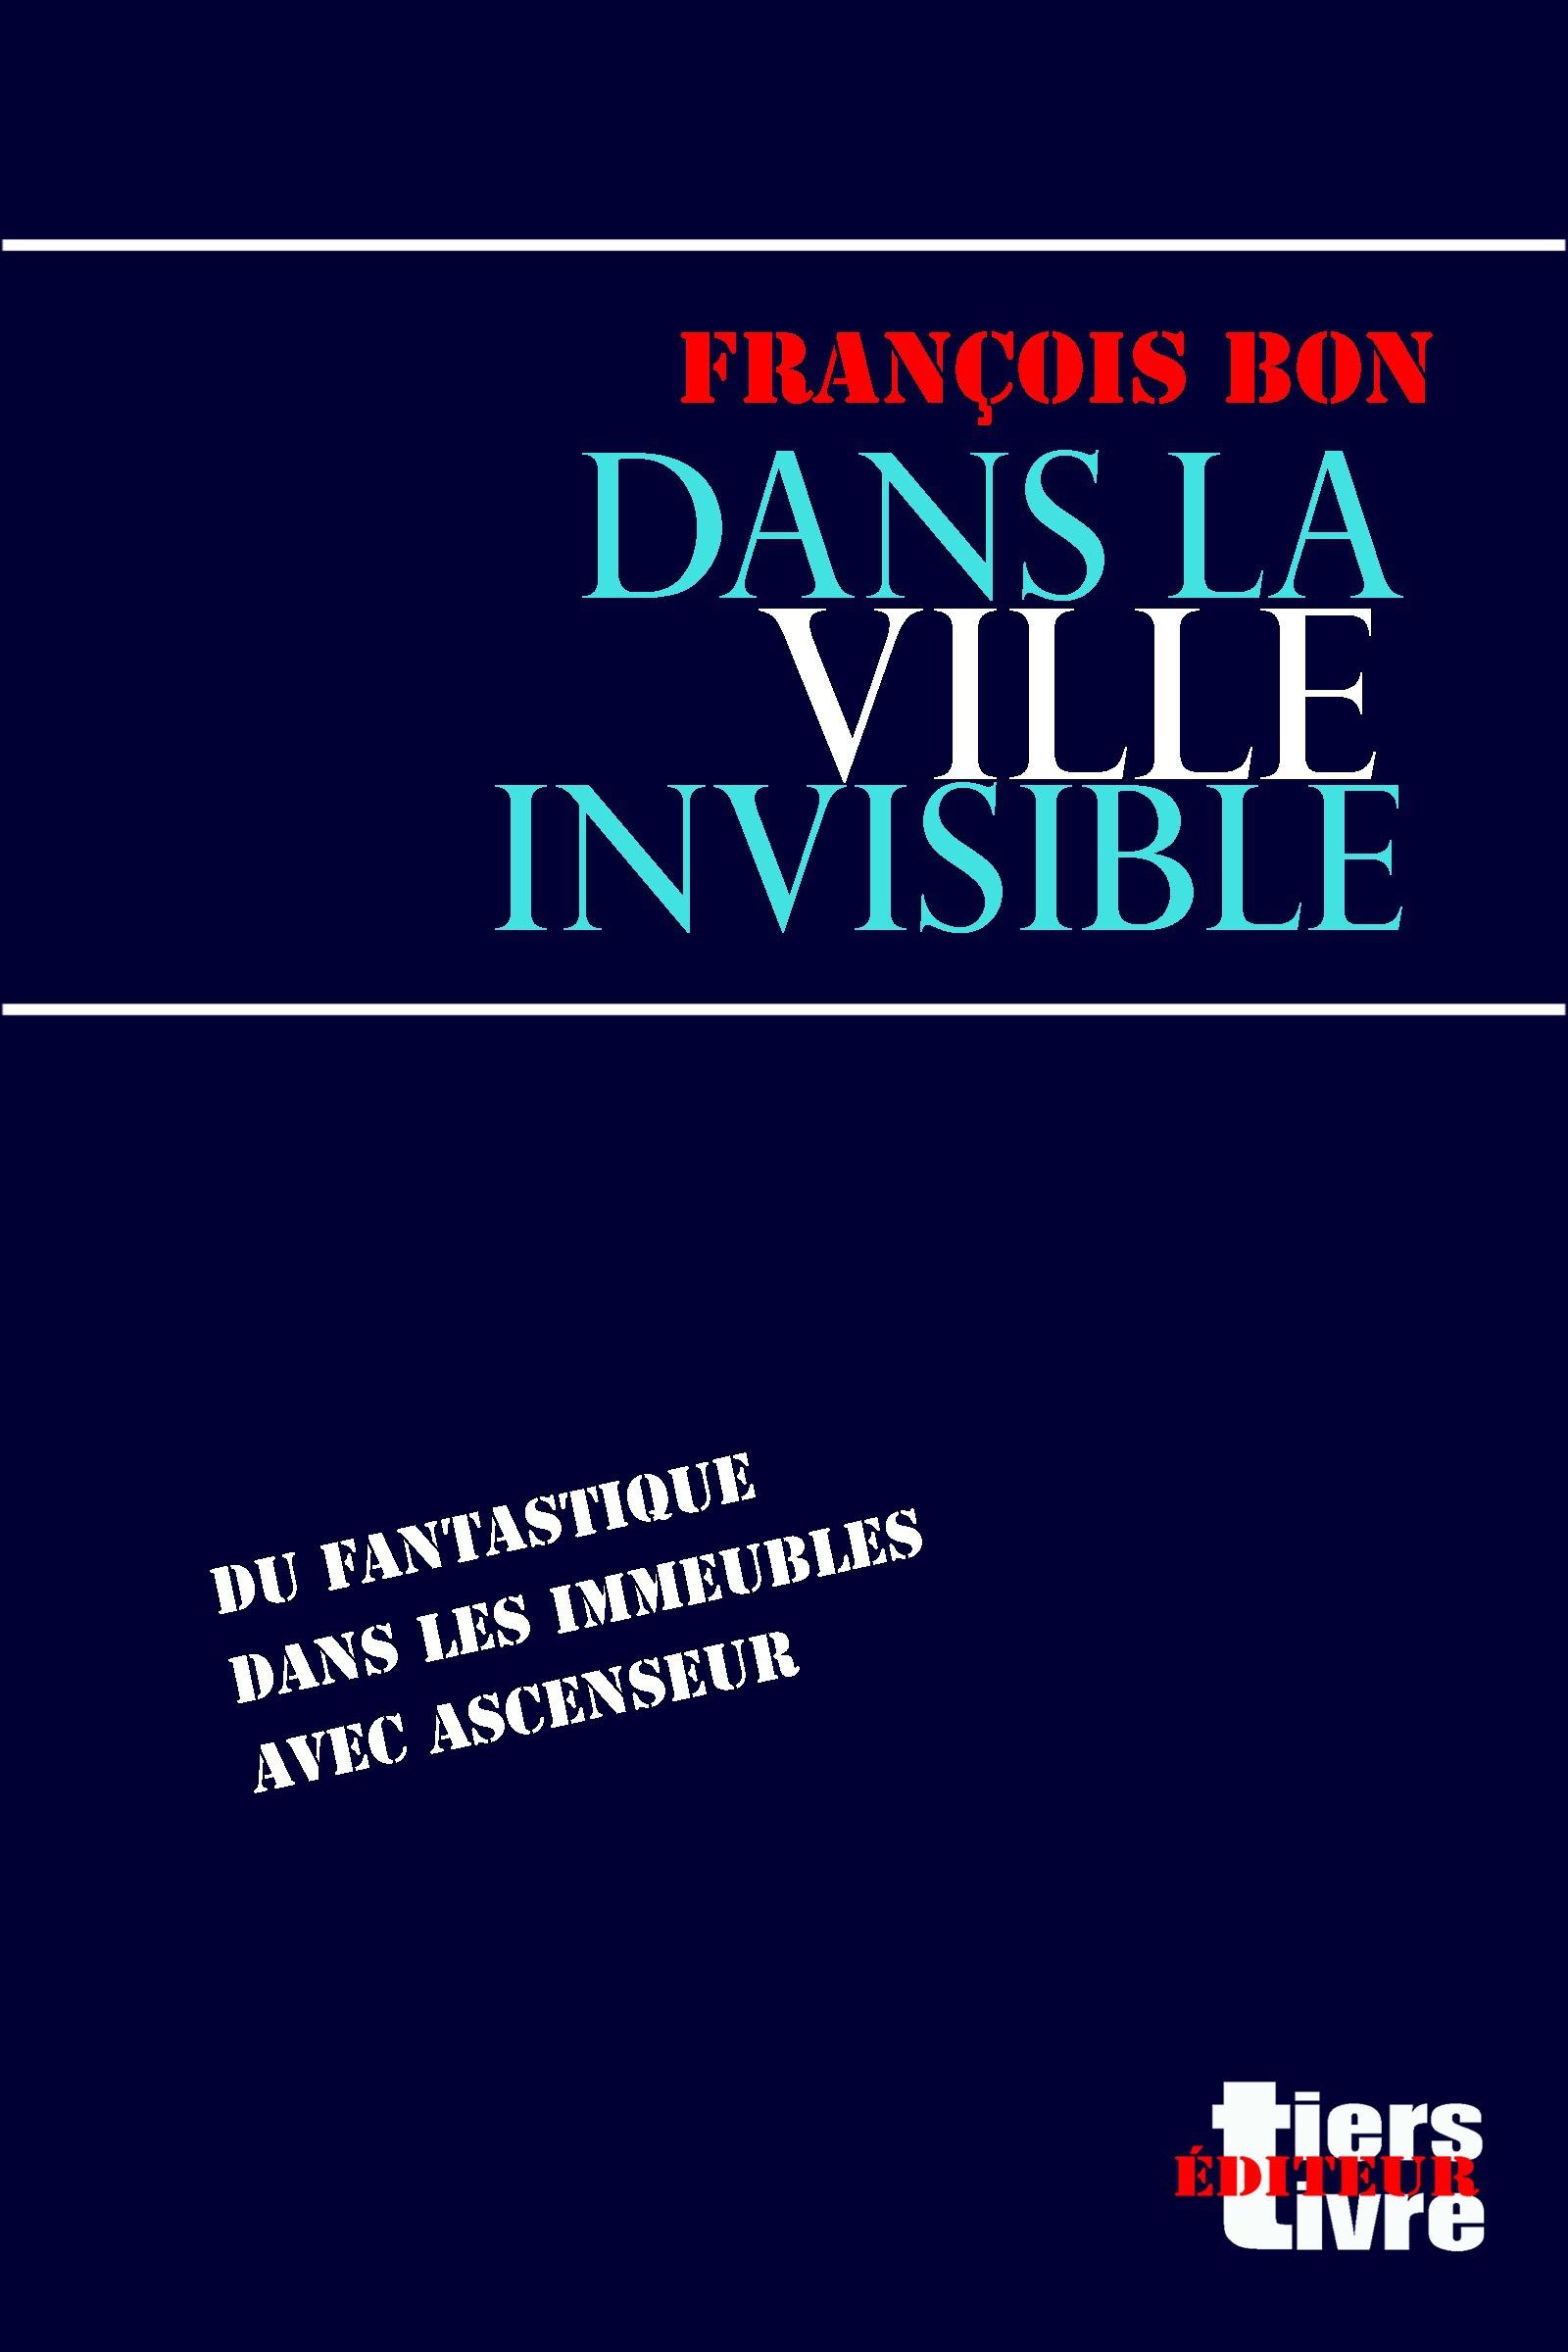 Dans la ville invisible